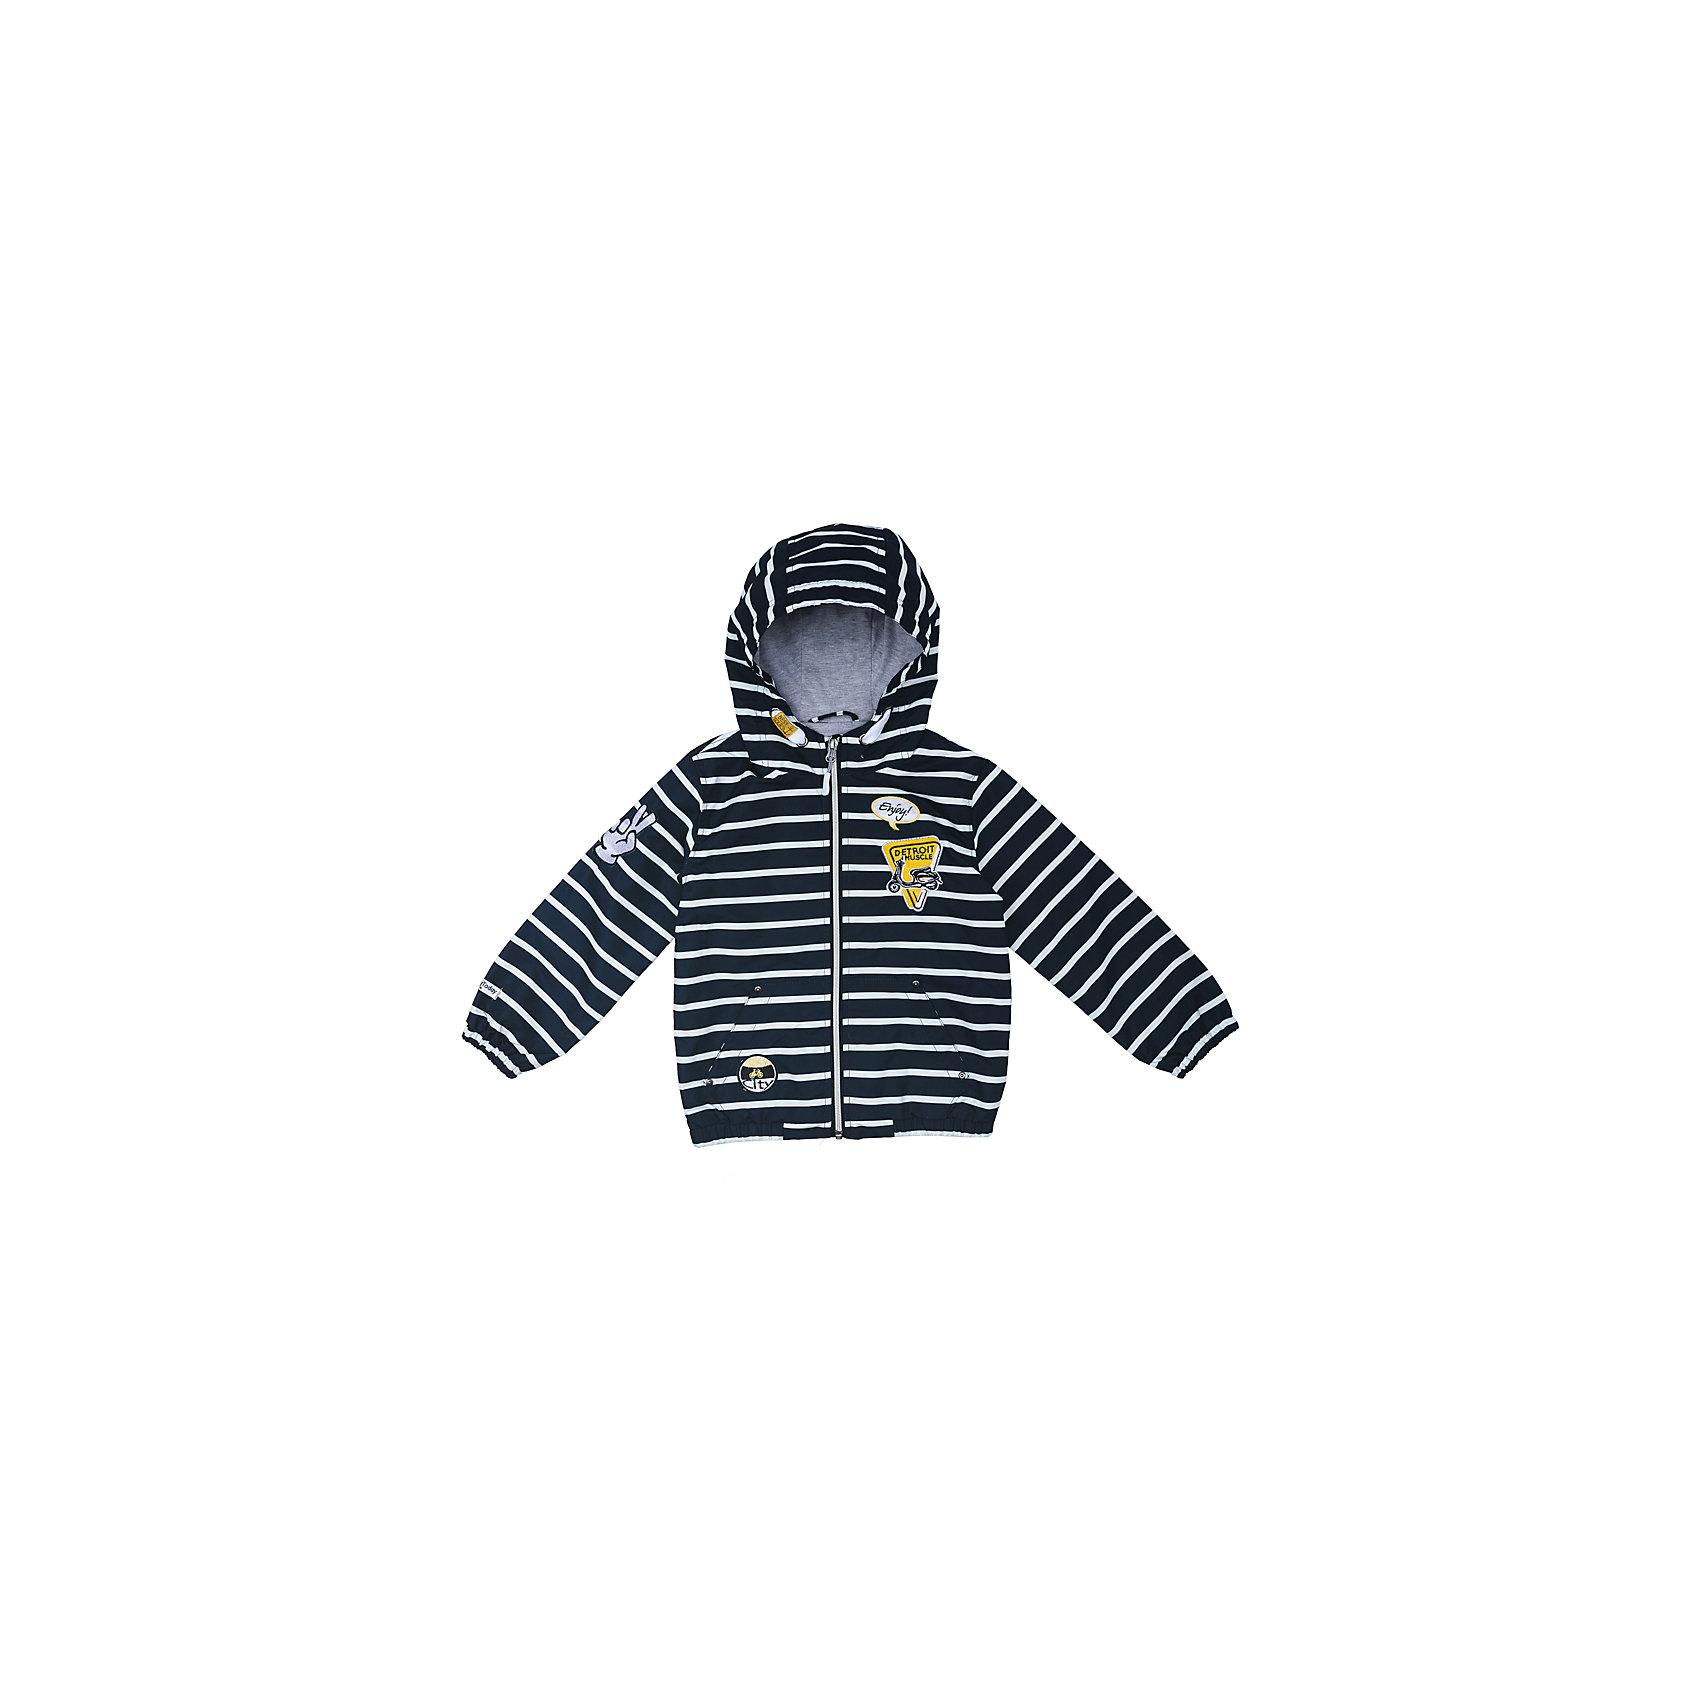 Куртка для мальчика PlayTodayВерхняя одежда<br>Куртка для мальчика PlayToday<br>Практичная яркая куртка на подкладке, со специальной водоотталкивающей пропиткой защитит Вашего ребенка в любую погоду! Мягкие  резинки на рукавах защитят Вашего ребенка - ветер не сможет проникнуть под куртку.  Специальный карман для фиксации застежки-молнии не позволит застежке травмировать нежную кожу ребенка. Модель снабжена удобными регулируемым шнурами - кулисками на капюшоне.Преимущества: Водоооталкивающая тканьЗащита подбородка. Специальный карман для фиксации застежки-молнии.Подкладка из смесовой ткани<br>Состав:<br>Верх: 100% полиэстер, подкладка: 65% полиэстер, 35% хлопок<br><br>Ширина мм: 356<br>Глубина мм: 10<br>Высота мм: 245<br>Вес г: 519<br>Цвет: разноцветный<br>Возраст от месяцев: 84<br>Возраст до месяцев: 96<br>Пол: Мужской<br>Возраст: Детский<br>Размер: 128,98,104,110,116,122<br>SKU: 5403347